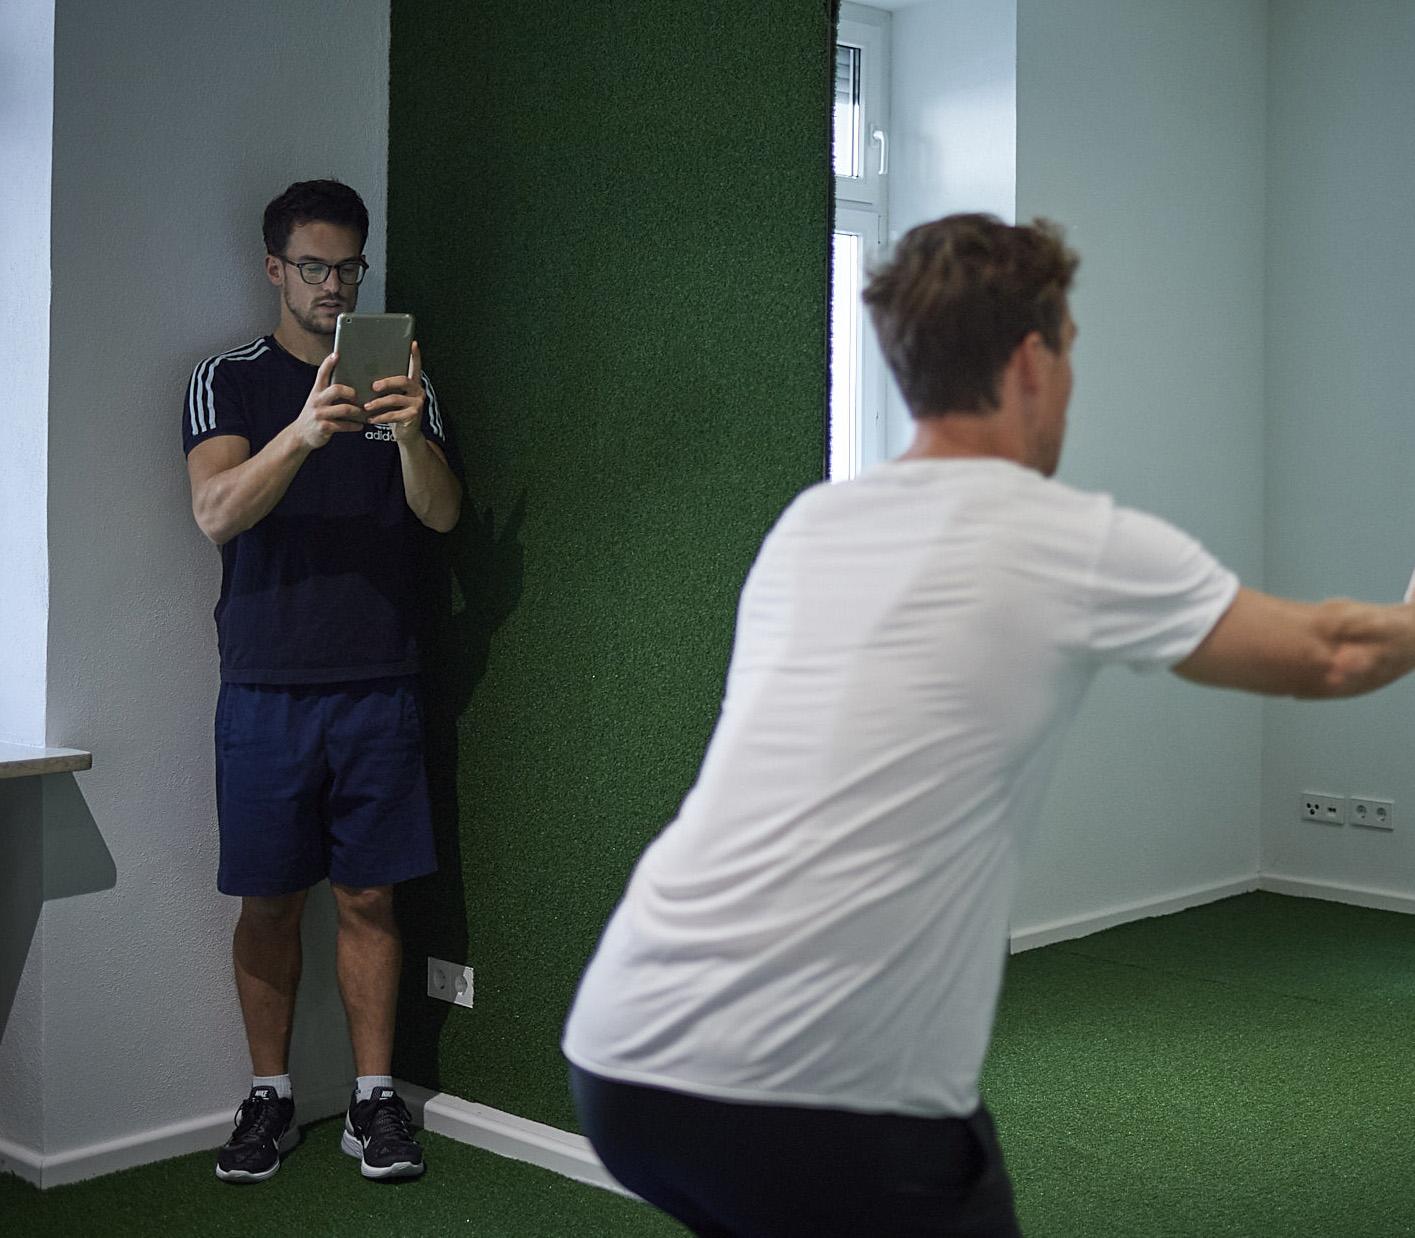 Sie werden bei den Übungen selbst fotografiert und erhalten einen Trainingsplan mit Ihren eigenen Fotos. Das macht die Umsetzung zu Hause noch einfacher!